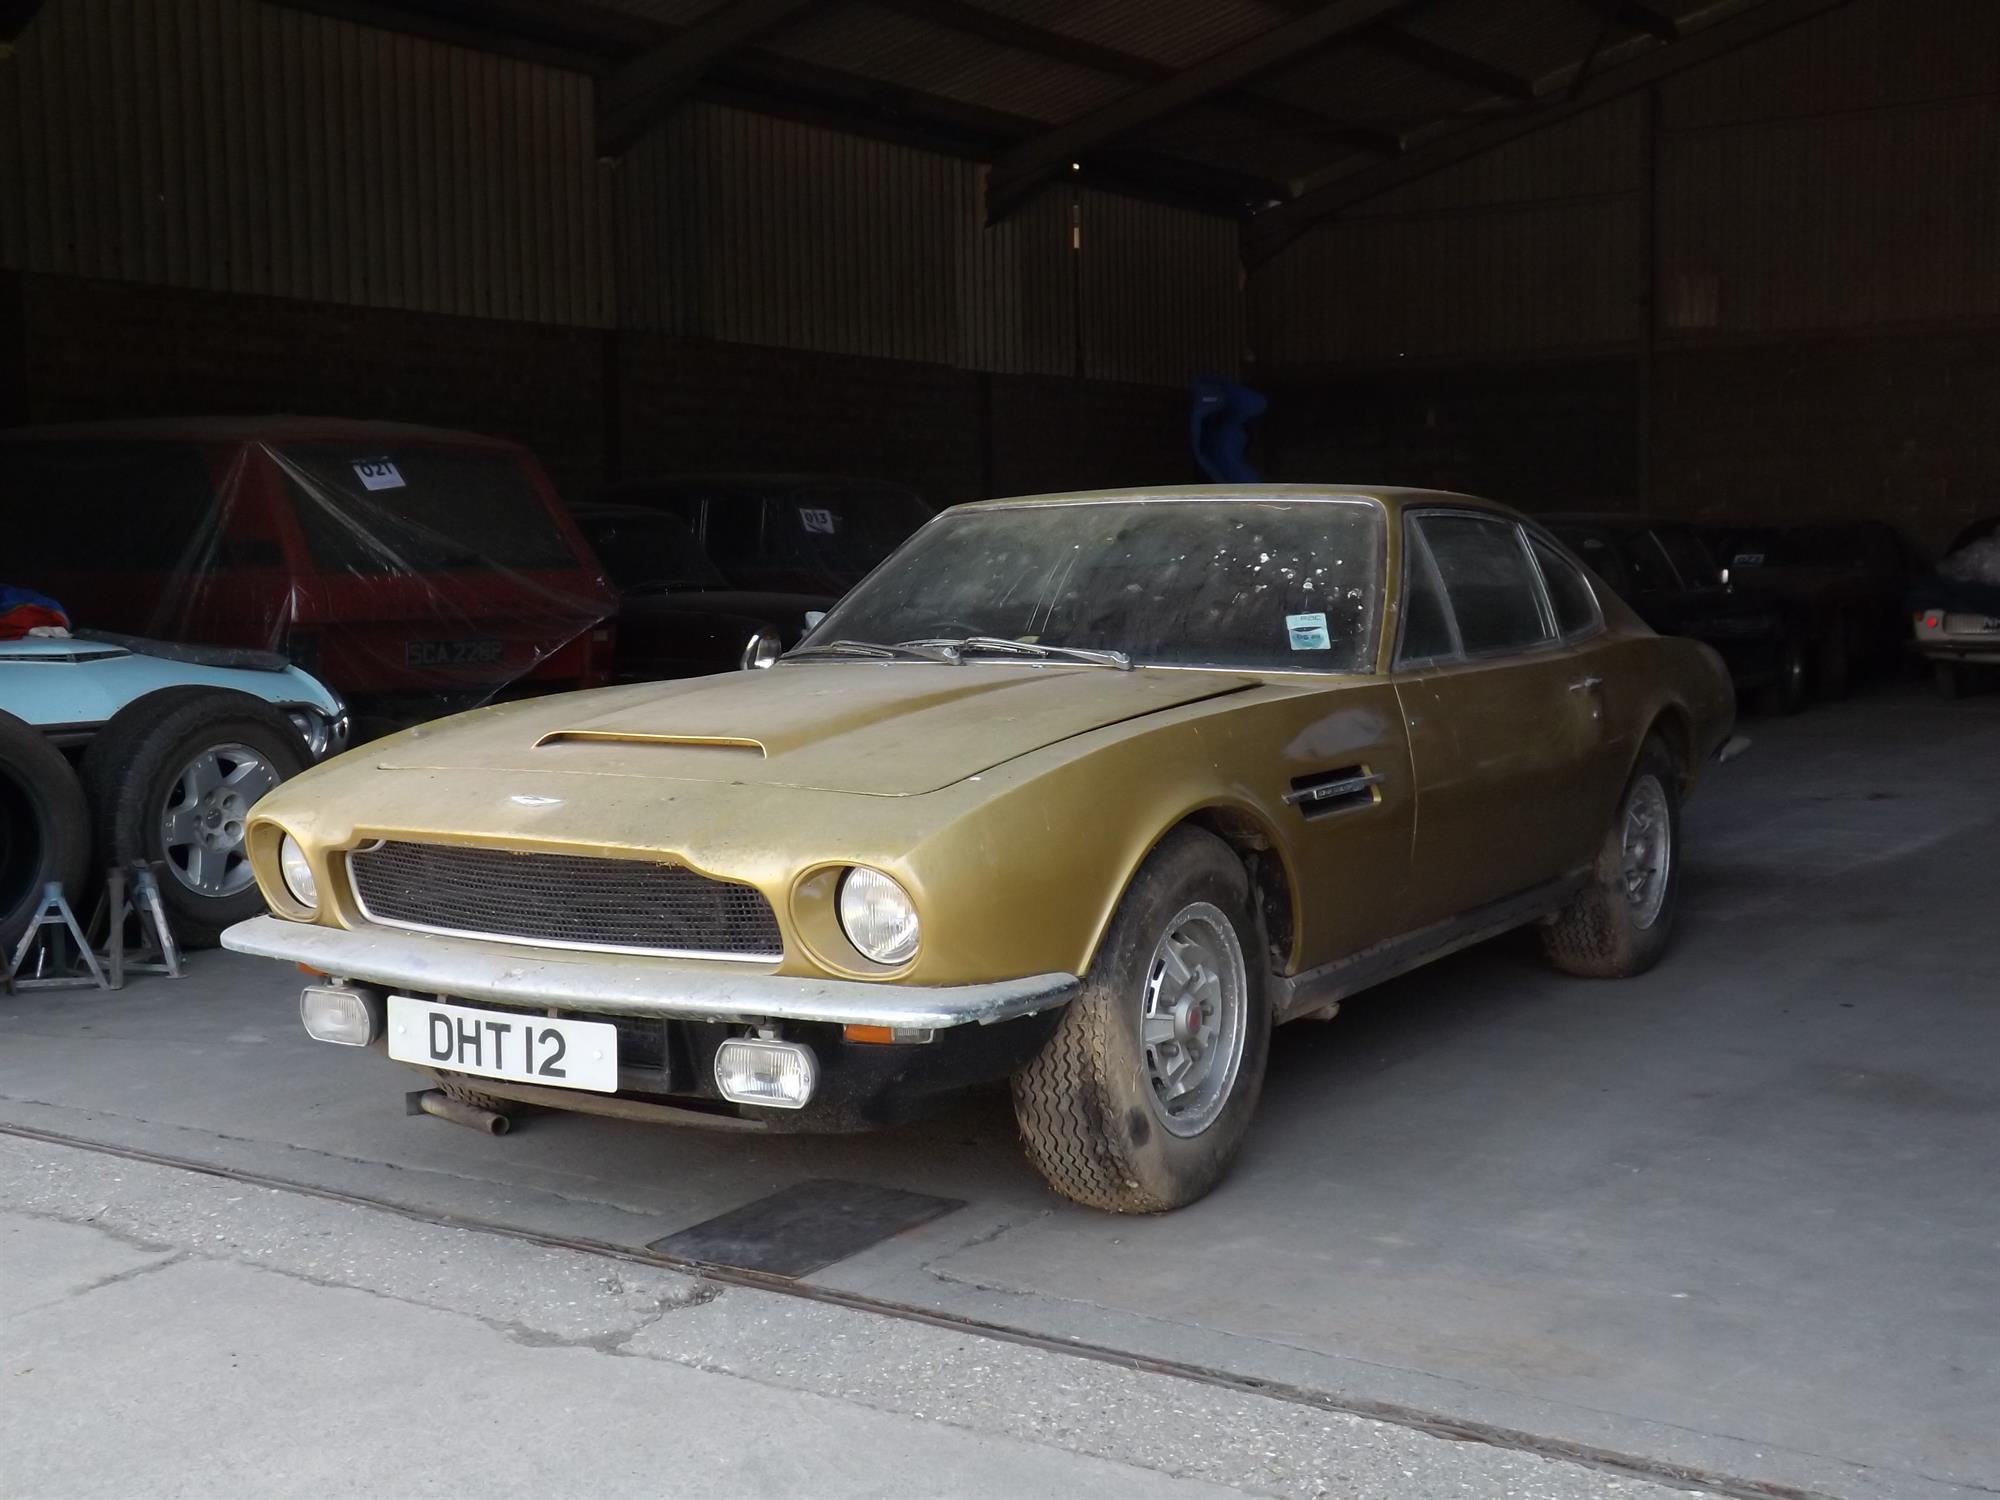 1973 Aston Martin AM V8 - Garage Find - Image 5 of 13